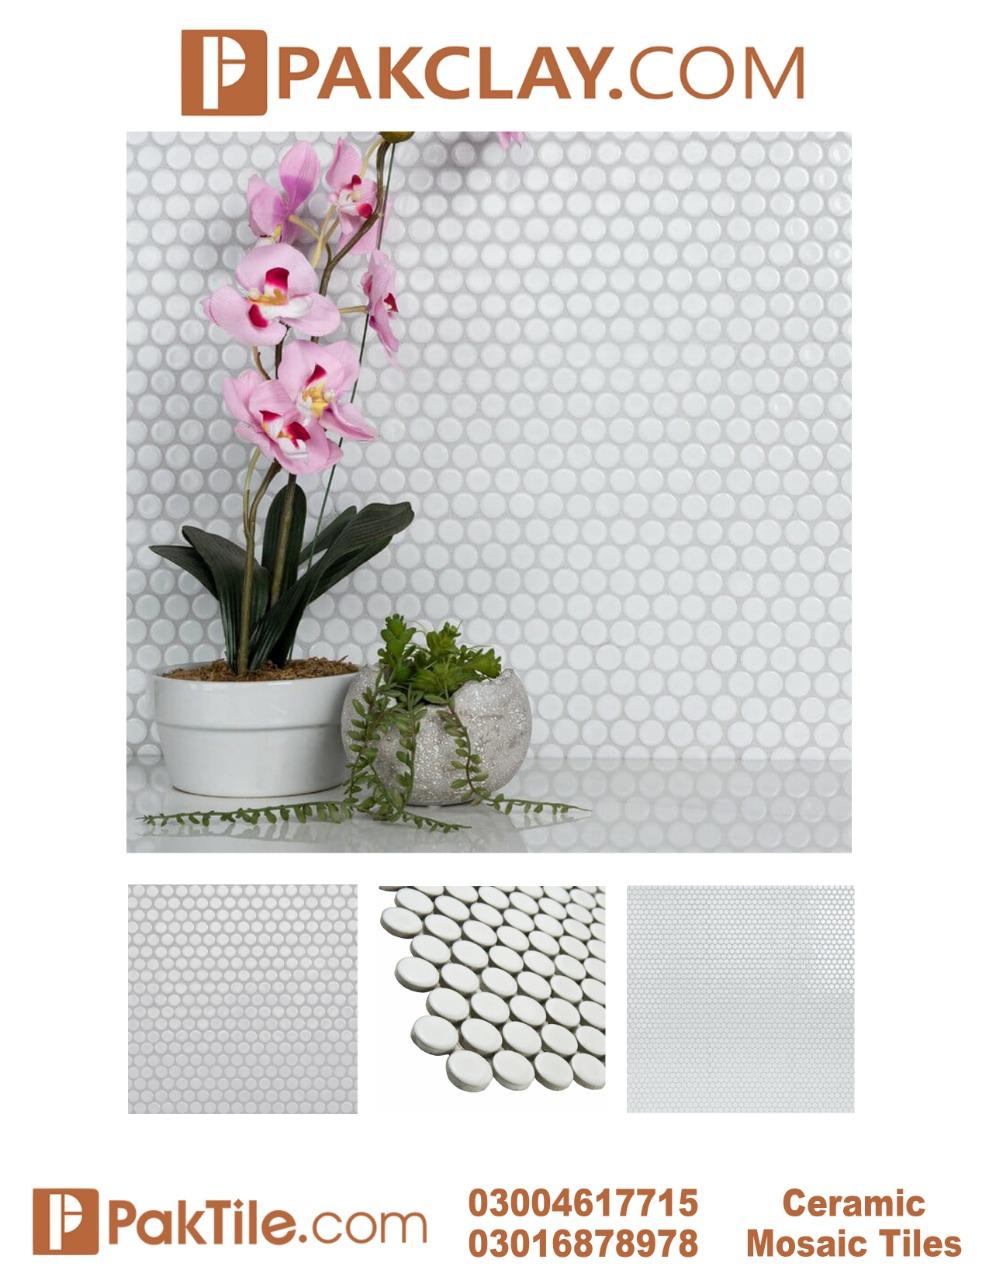 Bathroom Wall Tiles Design in Pakistan